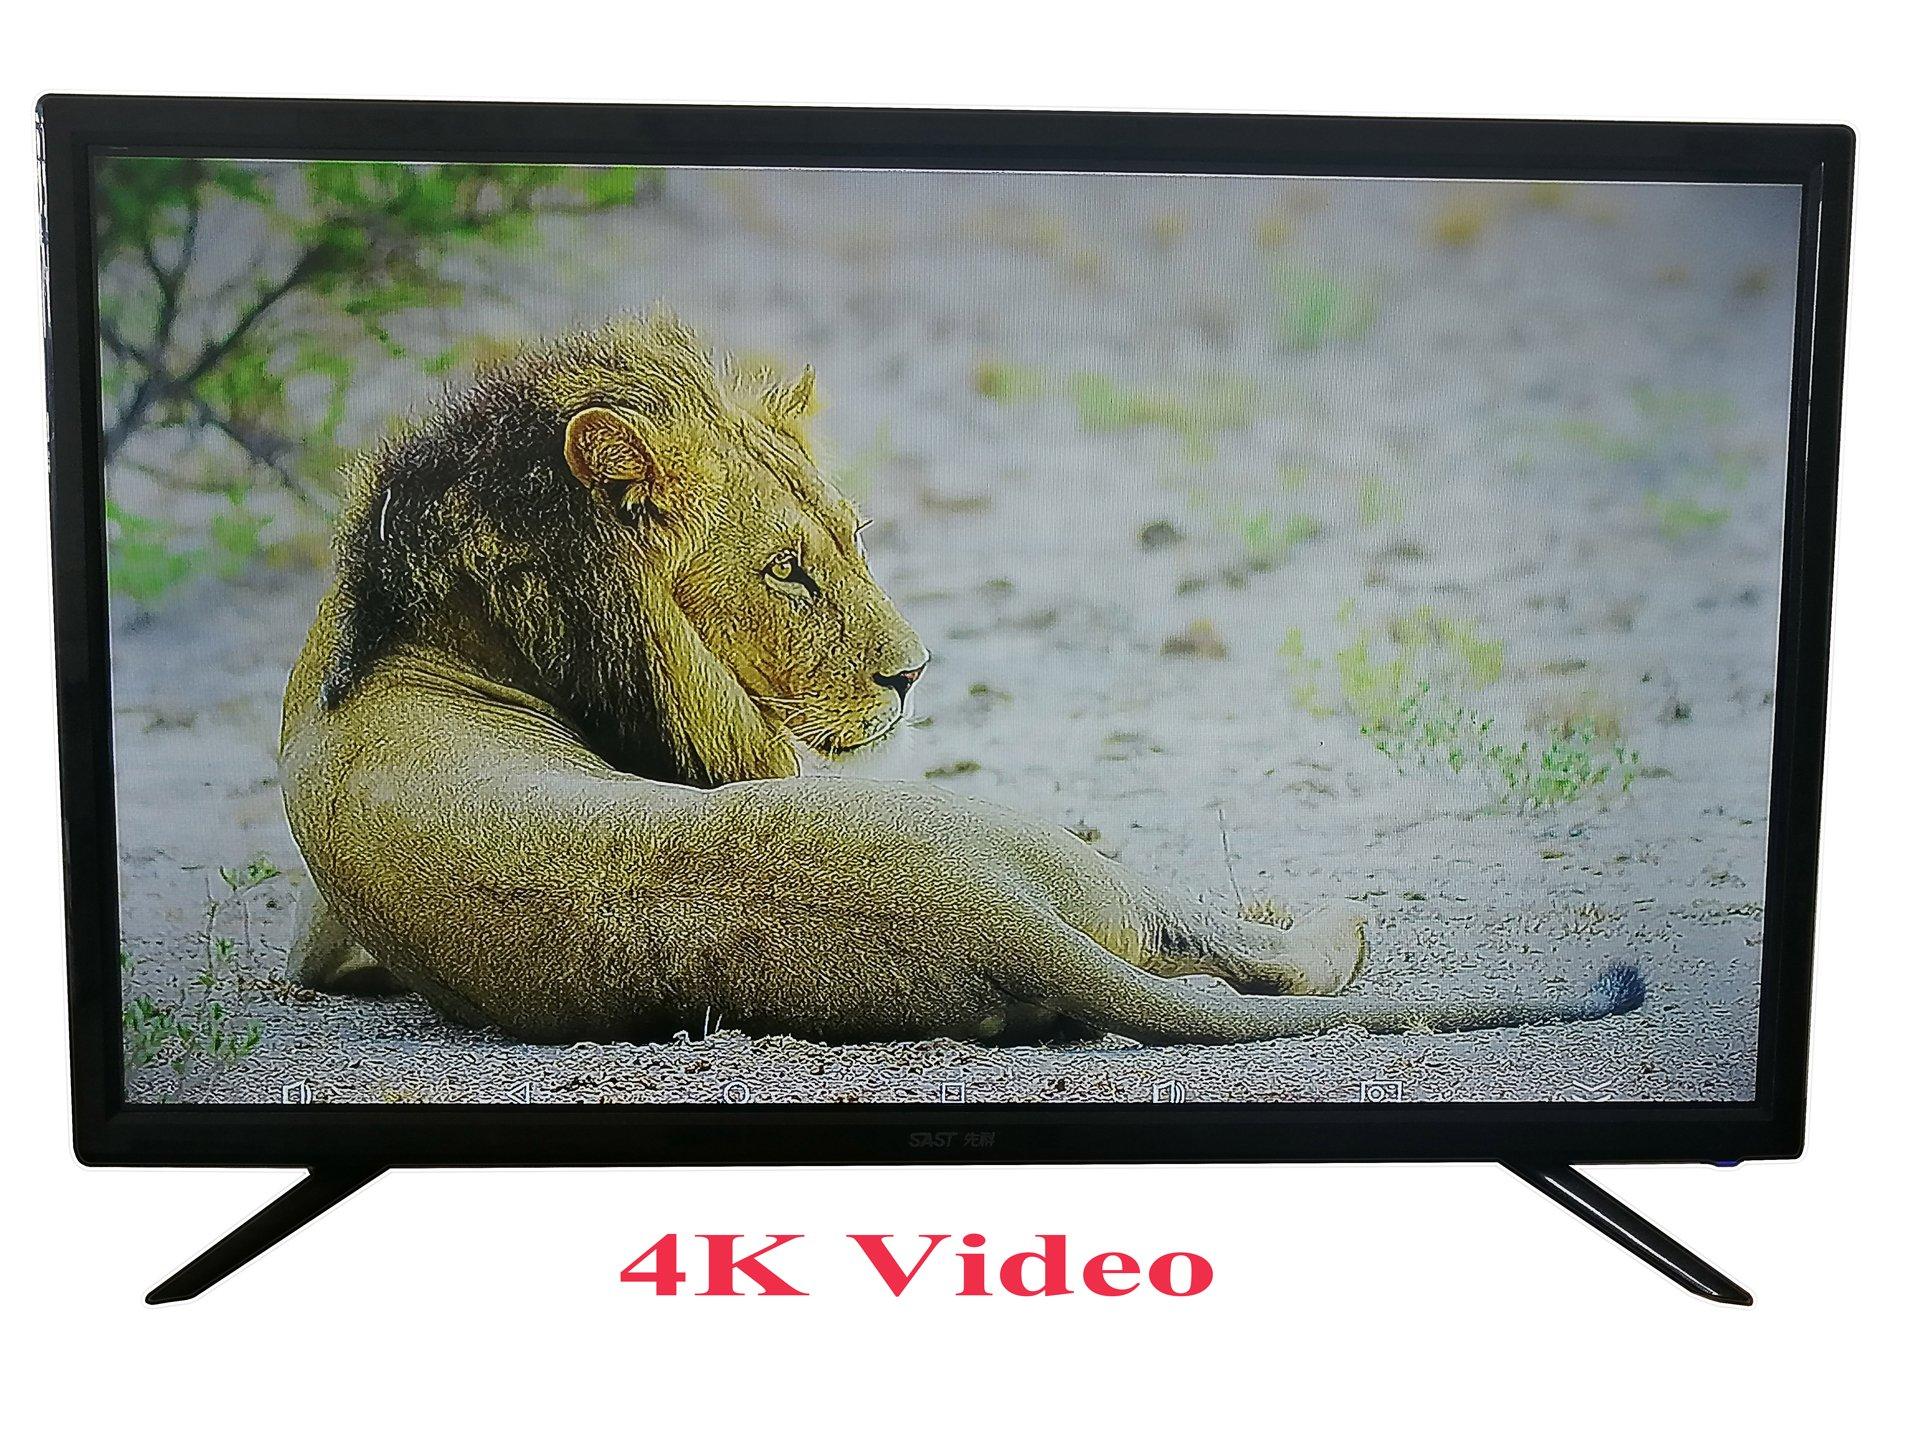 Hình ảnh Đầu thu tivi box Q9s 2GB XEM video 4K MỚI 100% GIÁ ƯU ĐÃI BIẾN tv thường THÀNH tv thông minh 2021 phiên bản cập nhật hệ điều hành mới